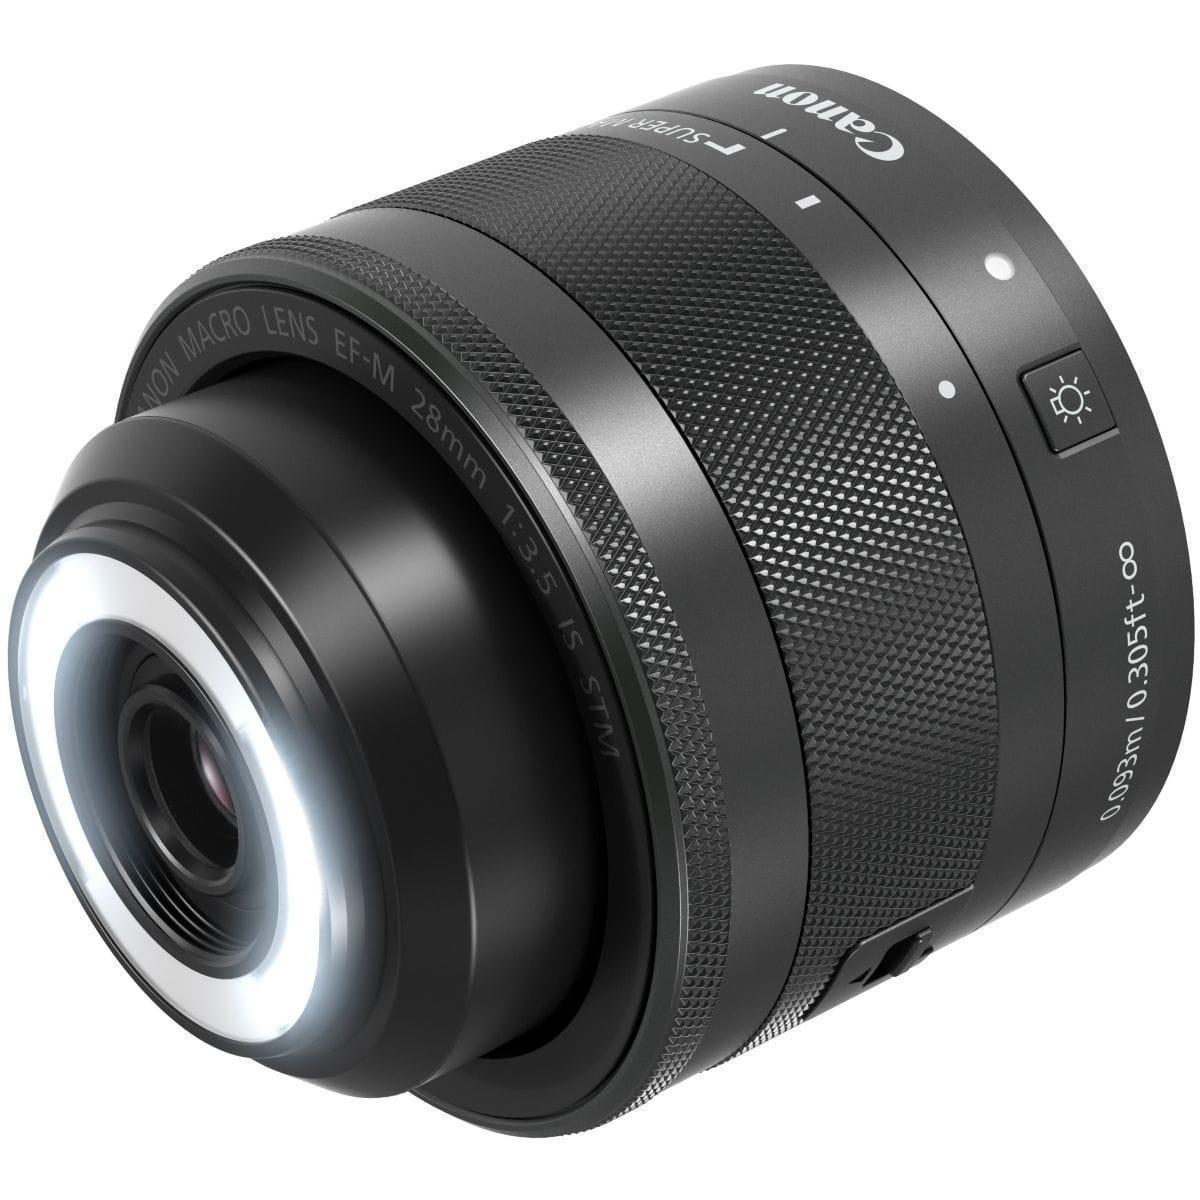 Canon Obiettivi Canon EF-M 28mm f/3.5